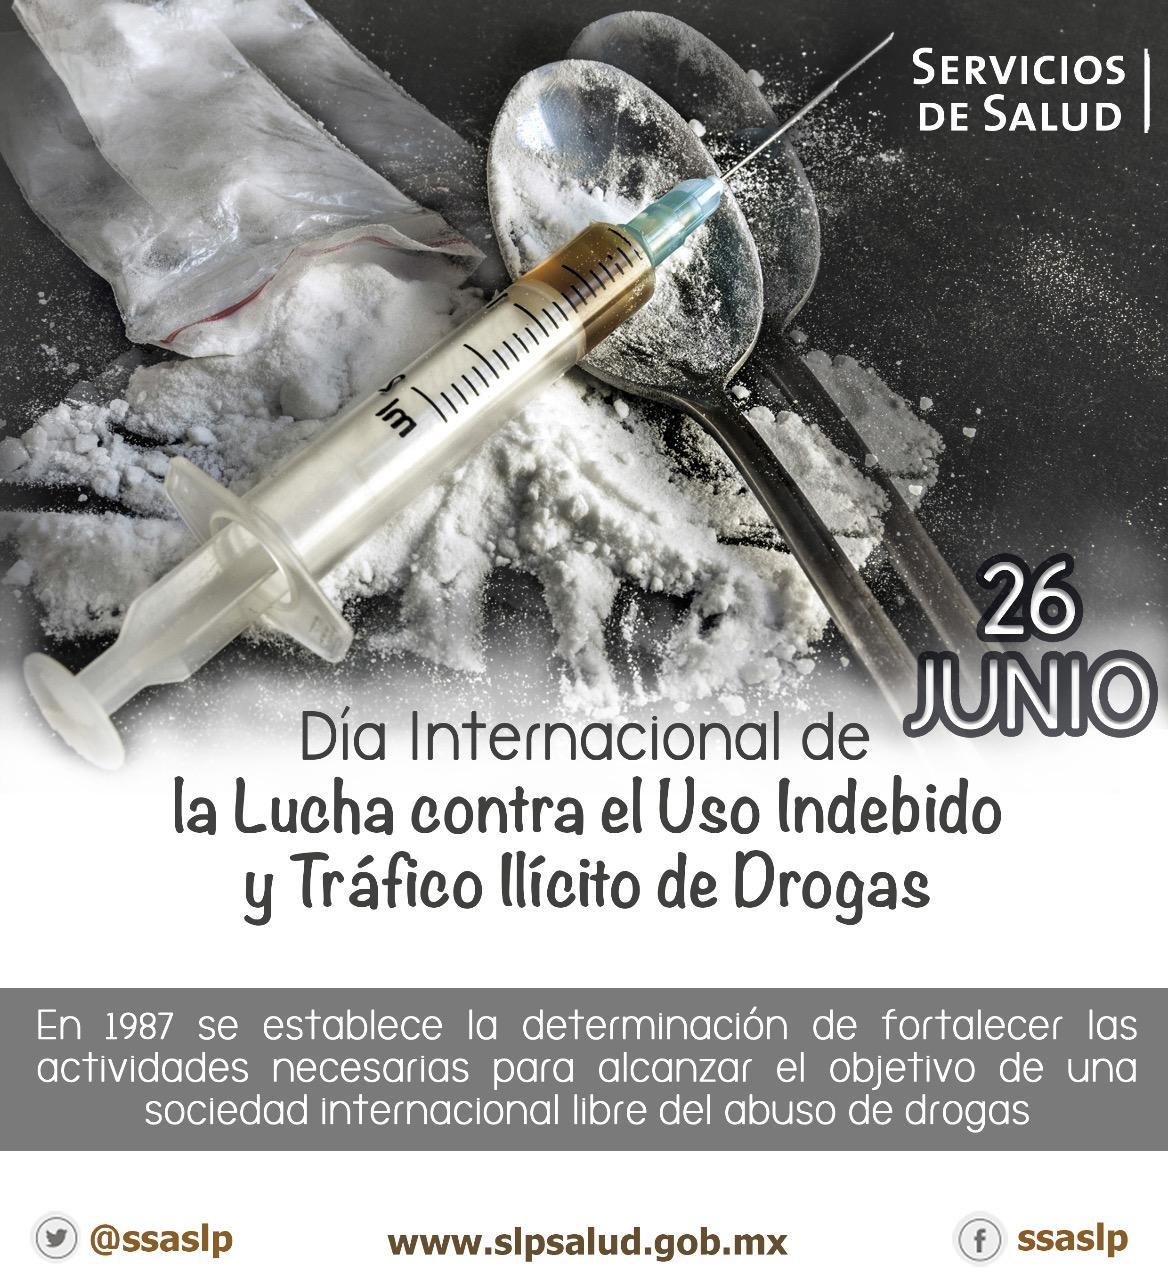 26 DE JUNIO, DIA INTERNACIONAL DE LA LUCHA CONTRA EL CONSUMO INDEBIDO Y EL TRÁFICO ÍLICITO DE DROGAS.